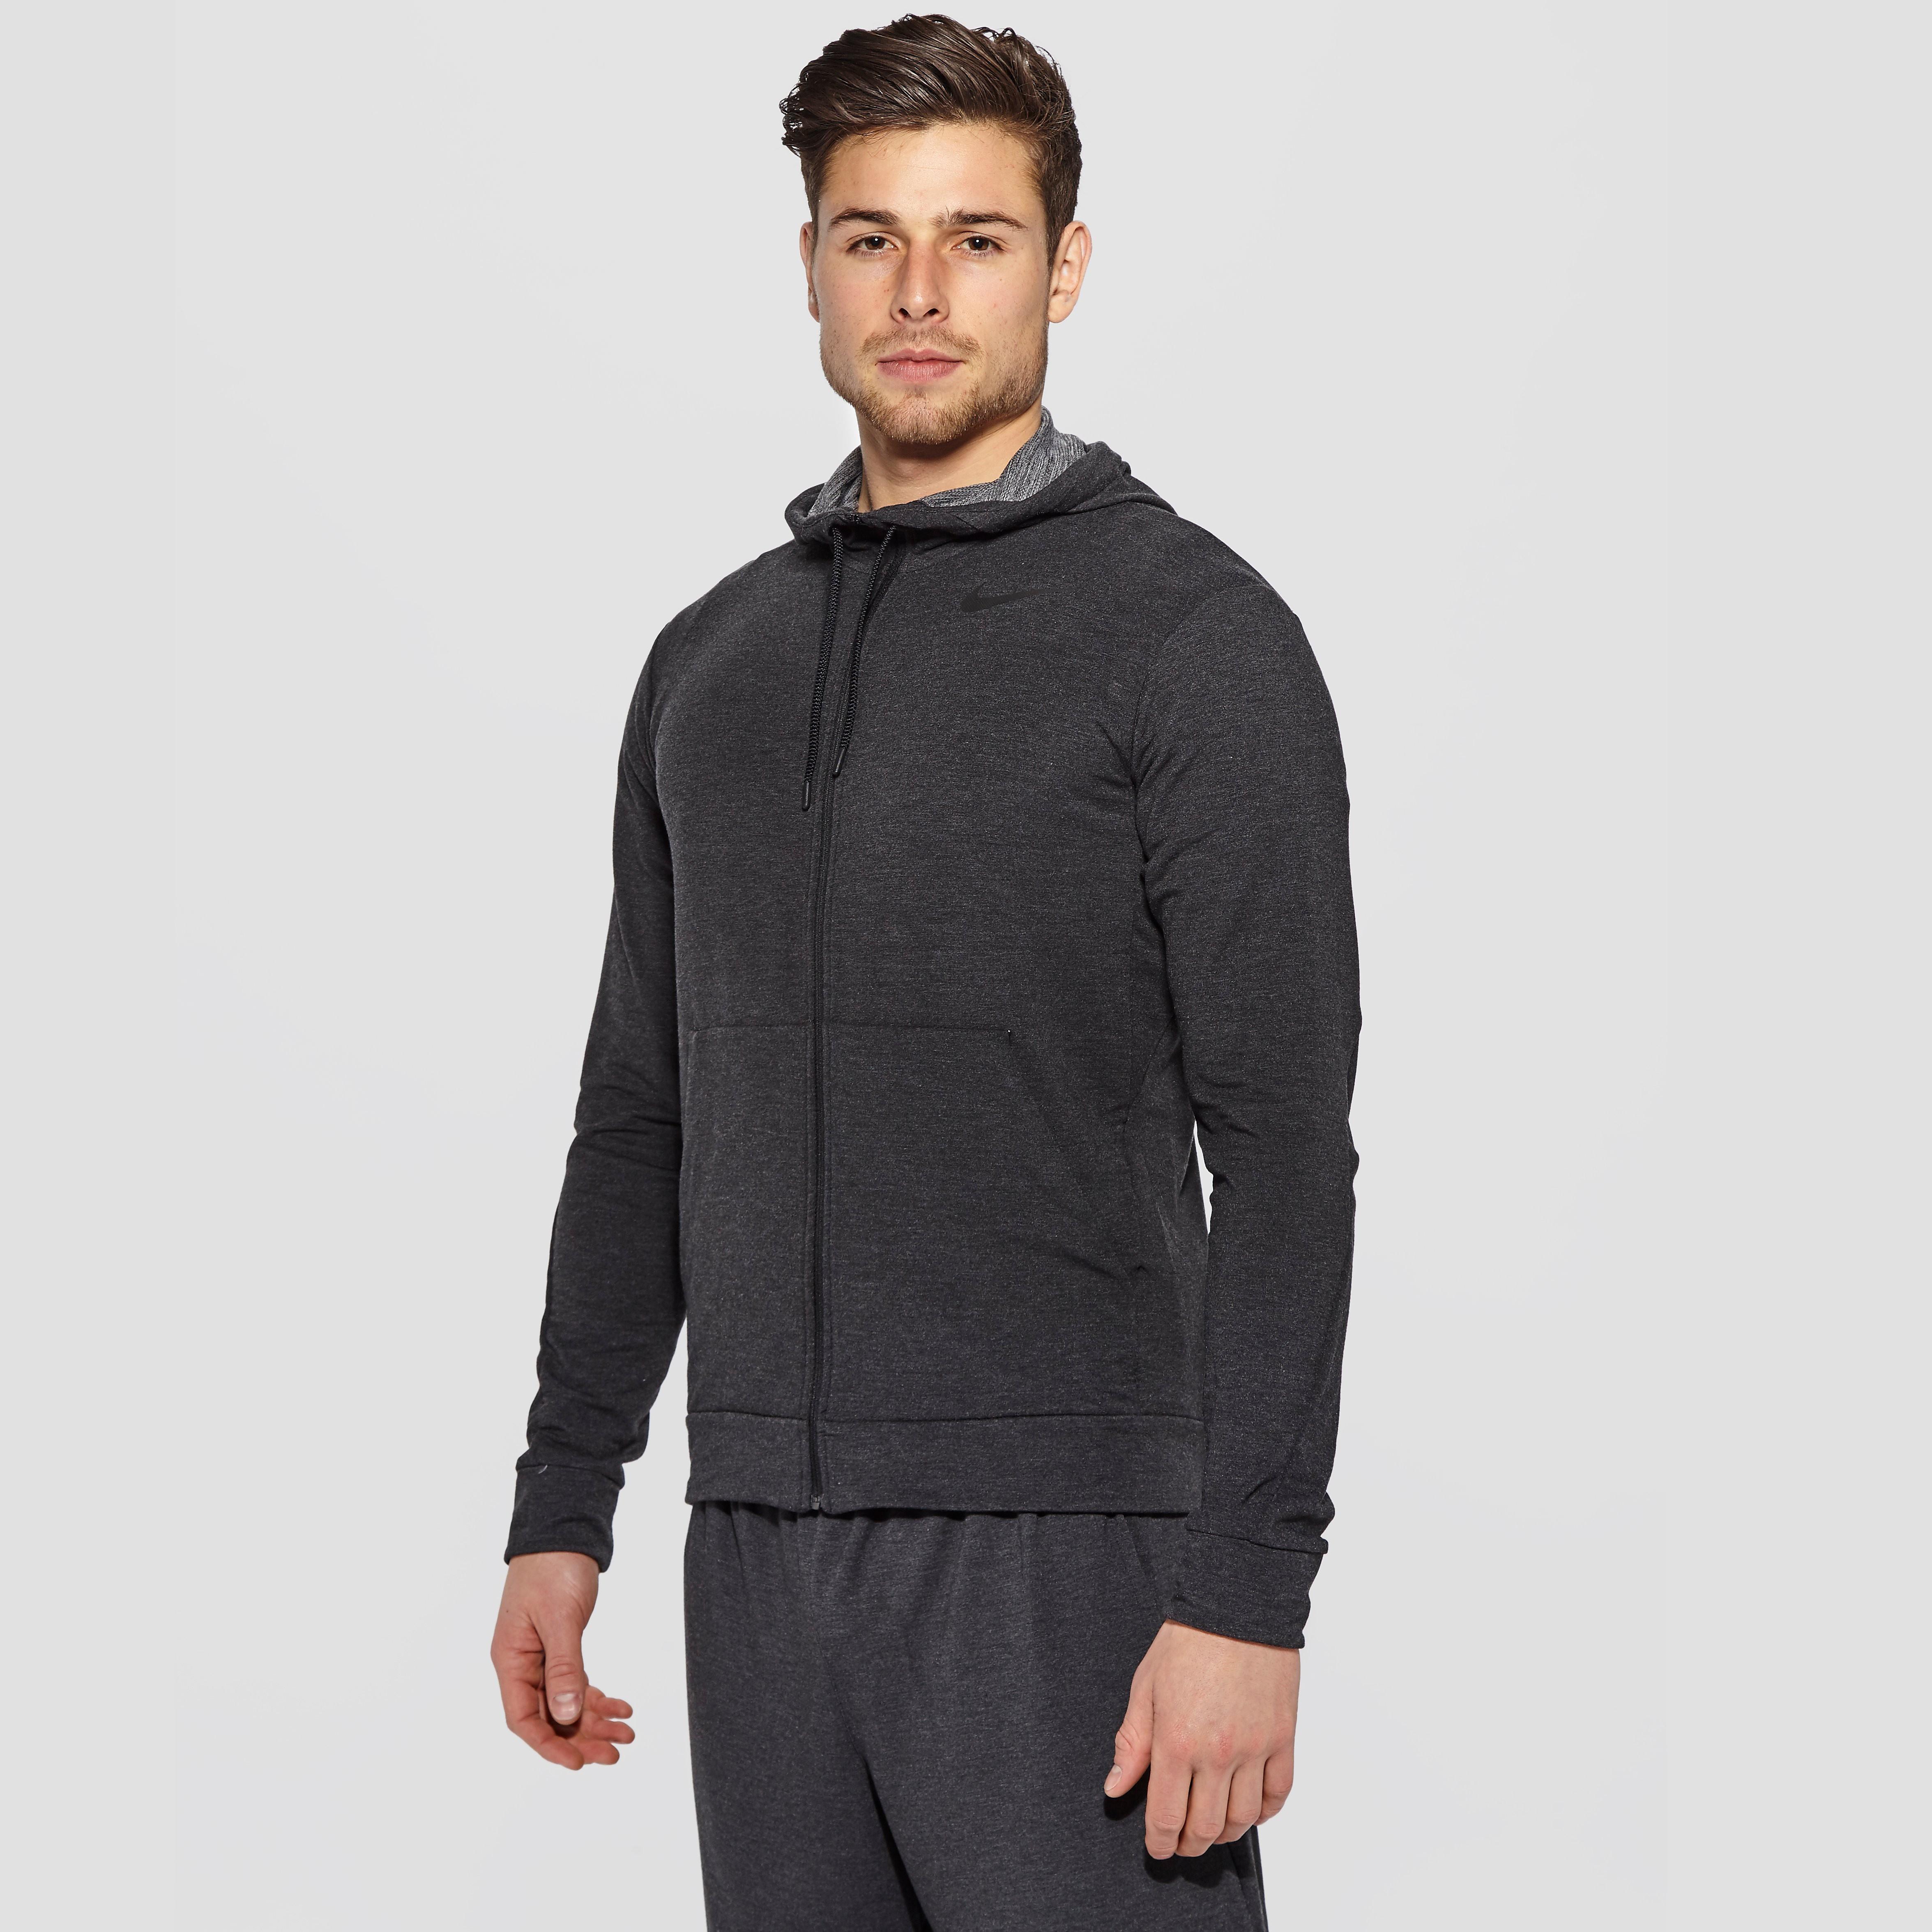 Nike Dry Men's Full Zip Training Hoodie